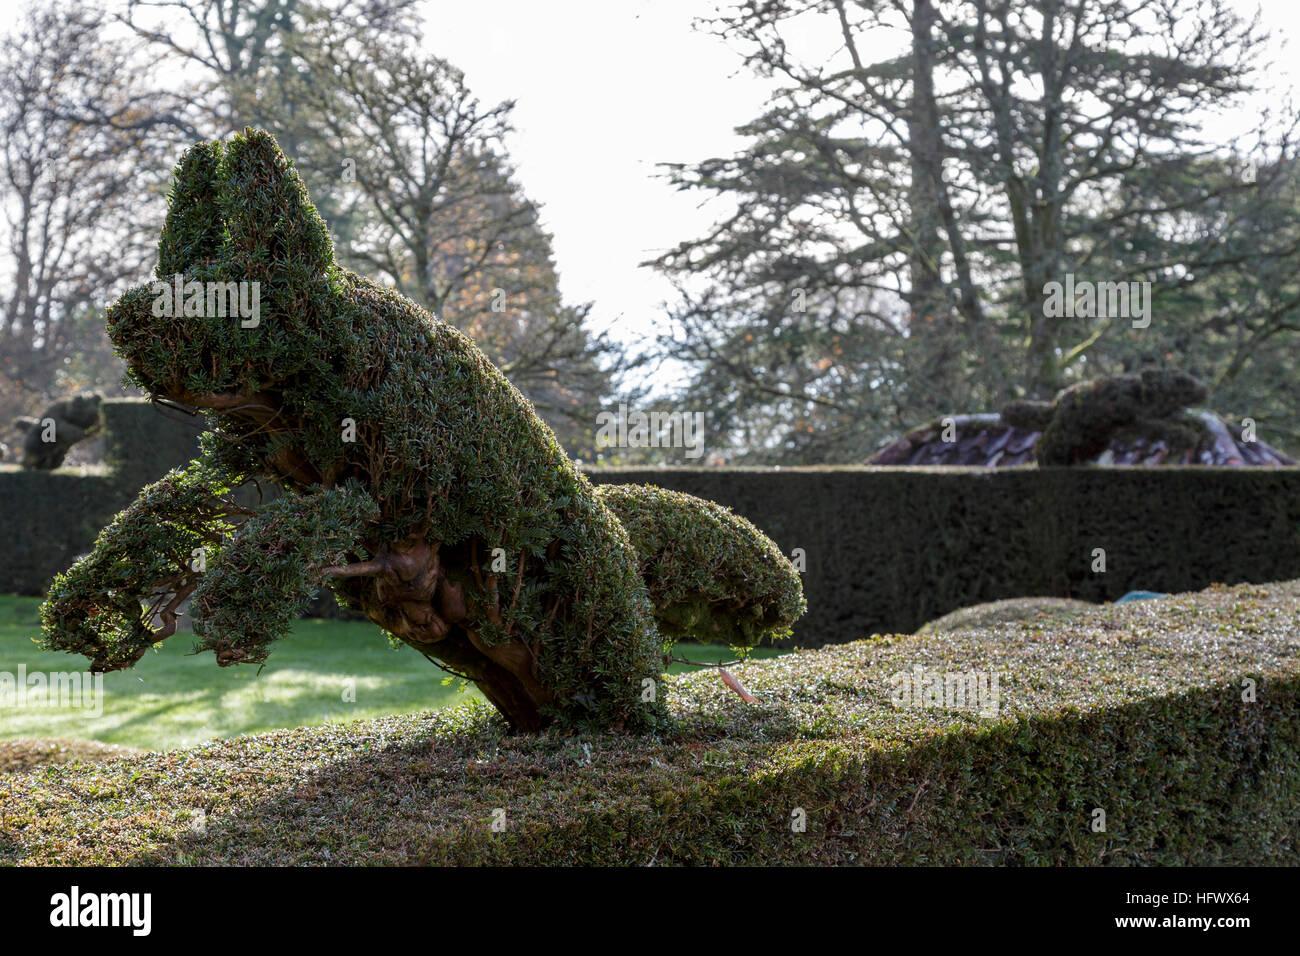 Running Fox Topiary In Yew Hedge Stock Photo Alamy